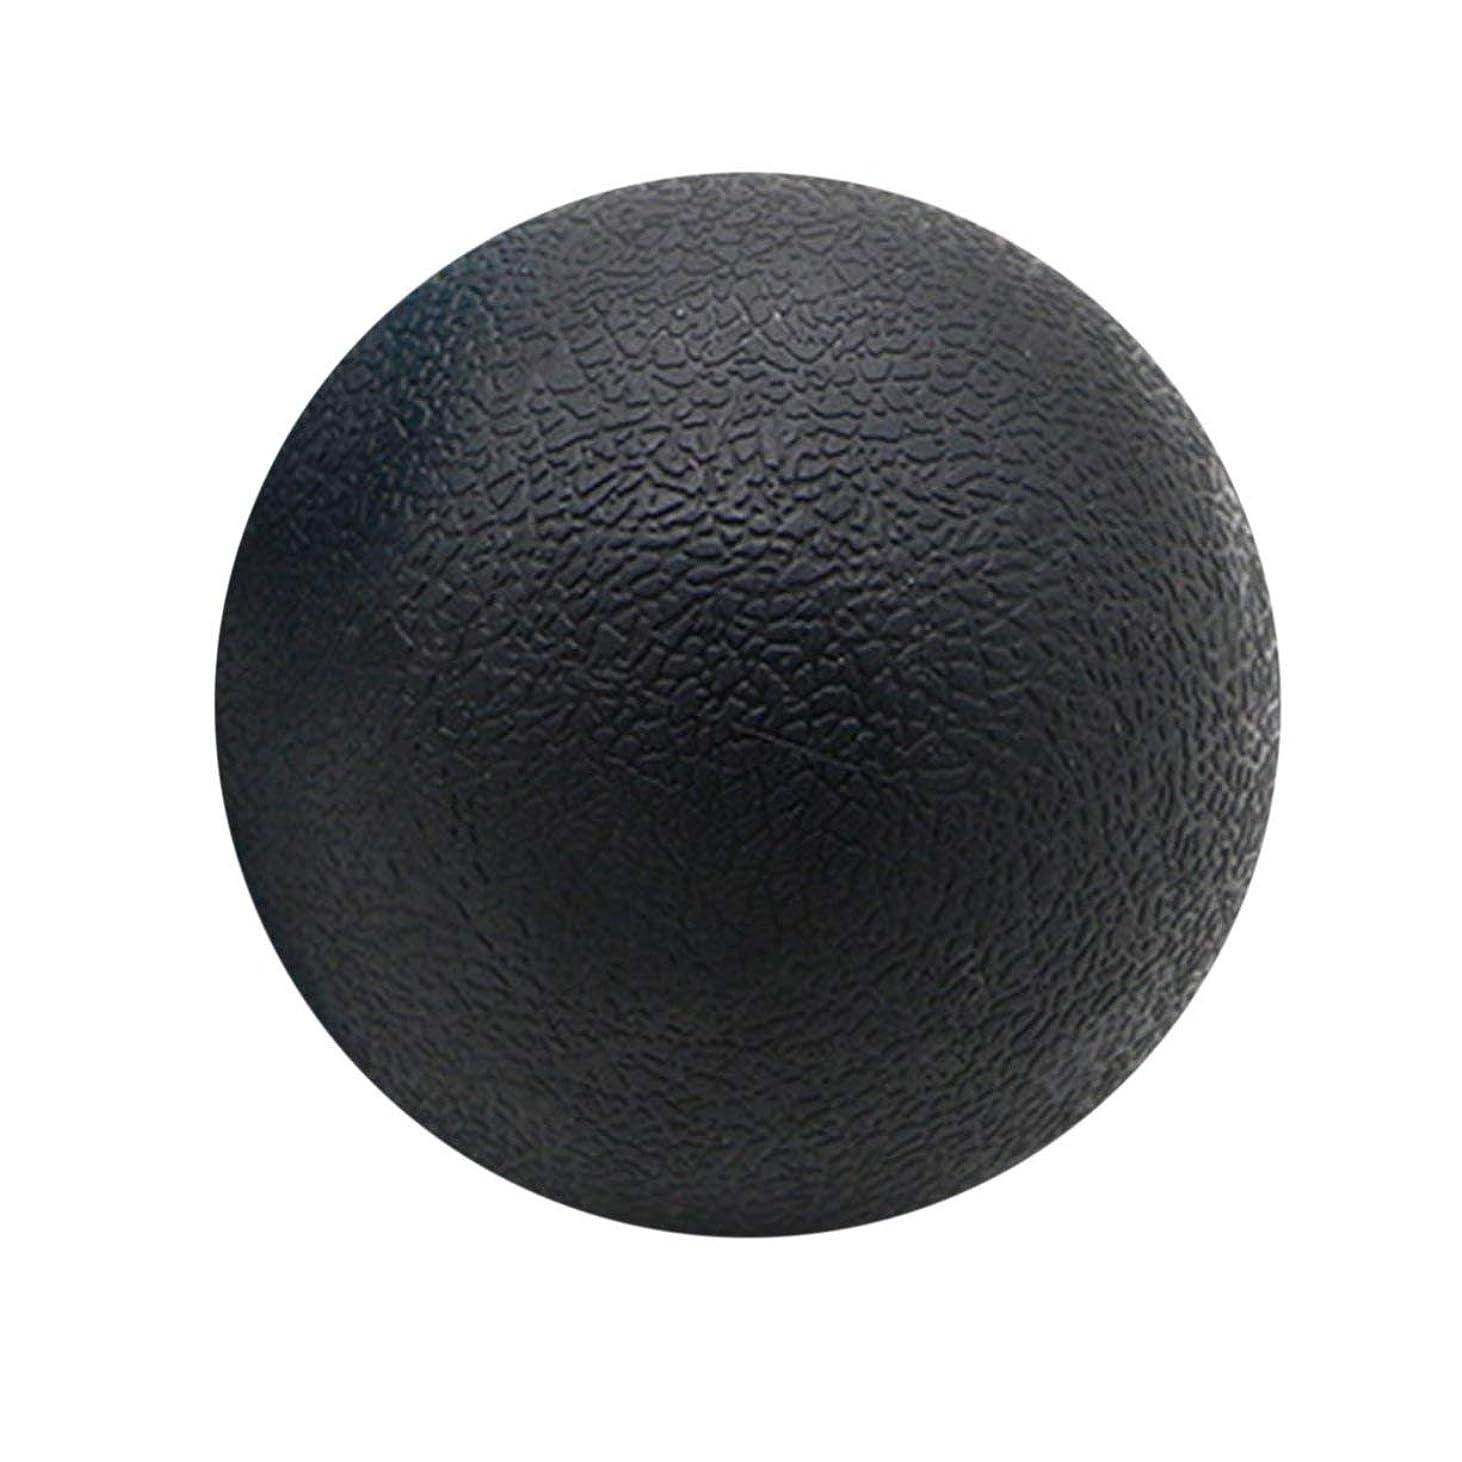 清めるグリップ禁止するフィットネスリリーフジムシングルボールマッサージボールトレーニングフェイシアホッケーボール6.3cmマッサージフィットネスボールリラックスマッスルボール-ブラック